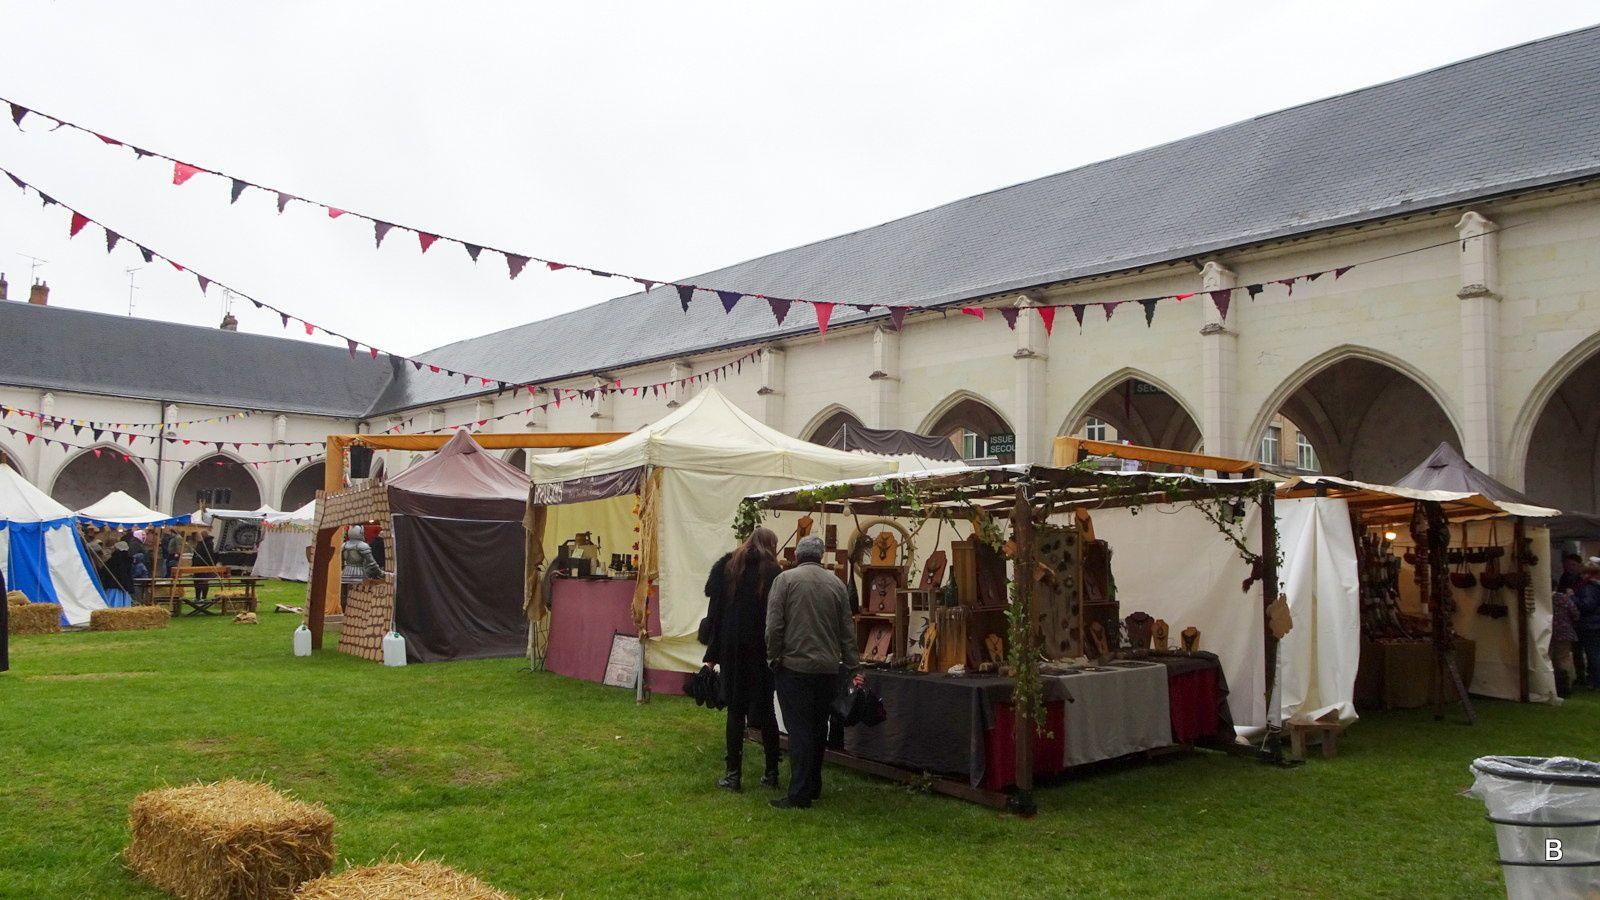 Les fêtes médiévales se déroulent toujours début mai, nous allons voir le marché pittoresque au Campo Santo, tous sont habillés comme à l'époque. Le défilé aura lieu dans les rues le 9 mai.